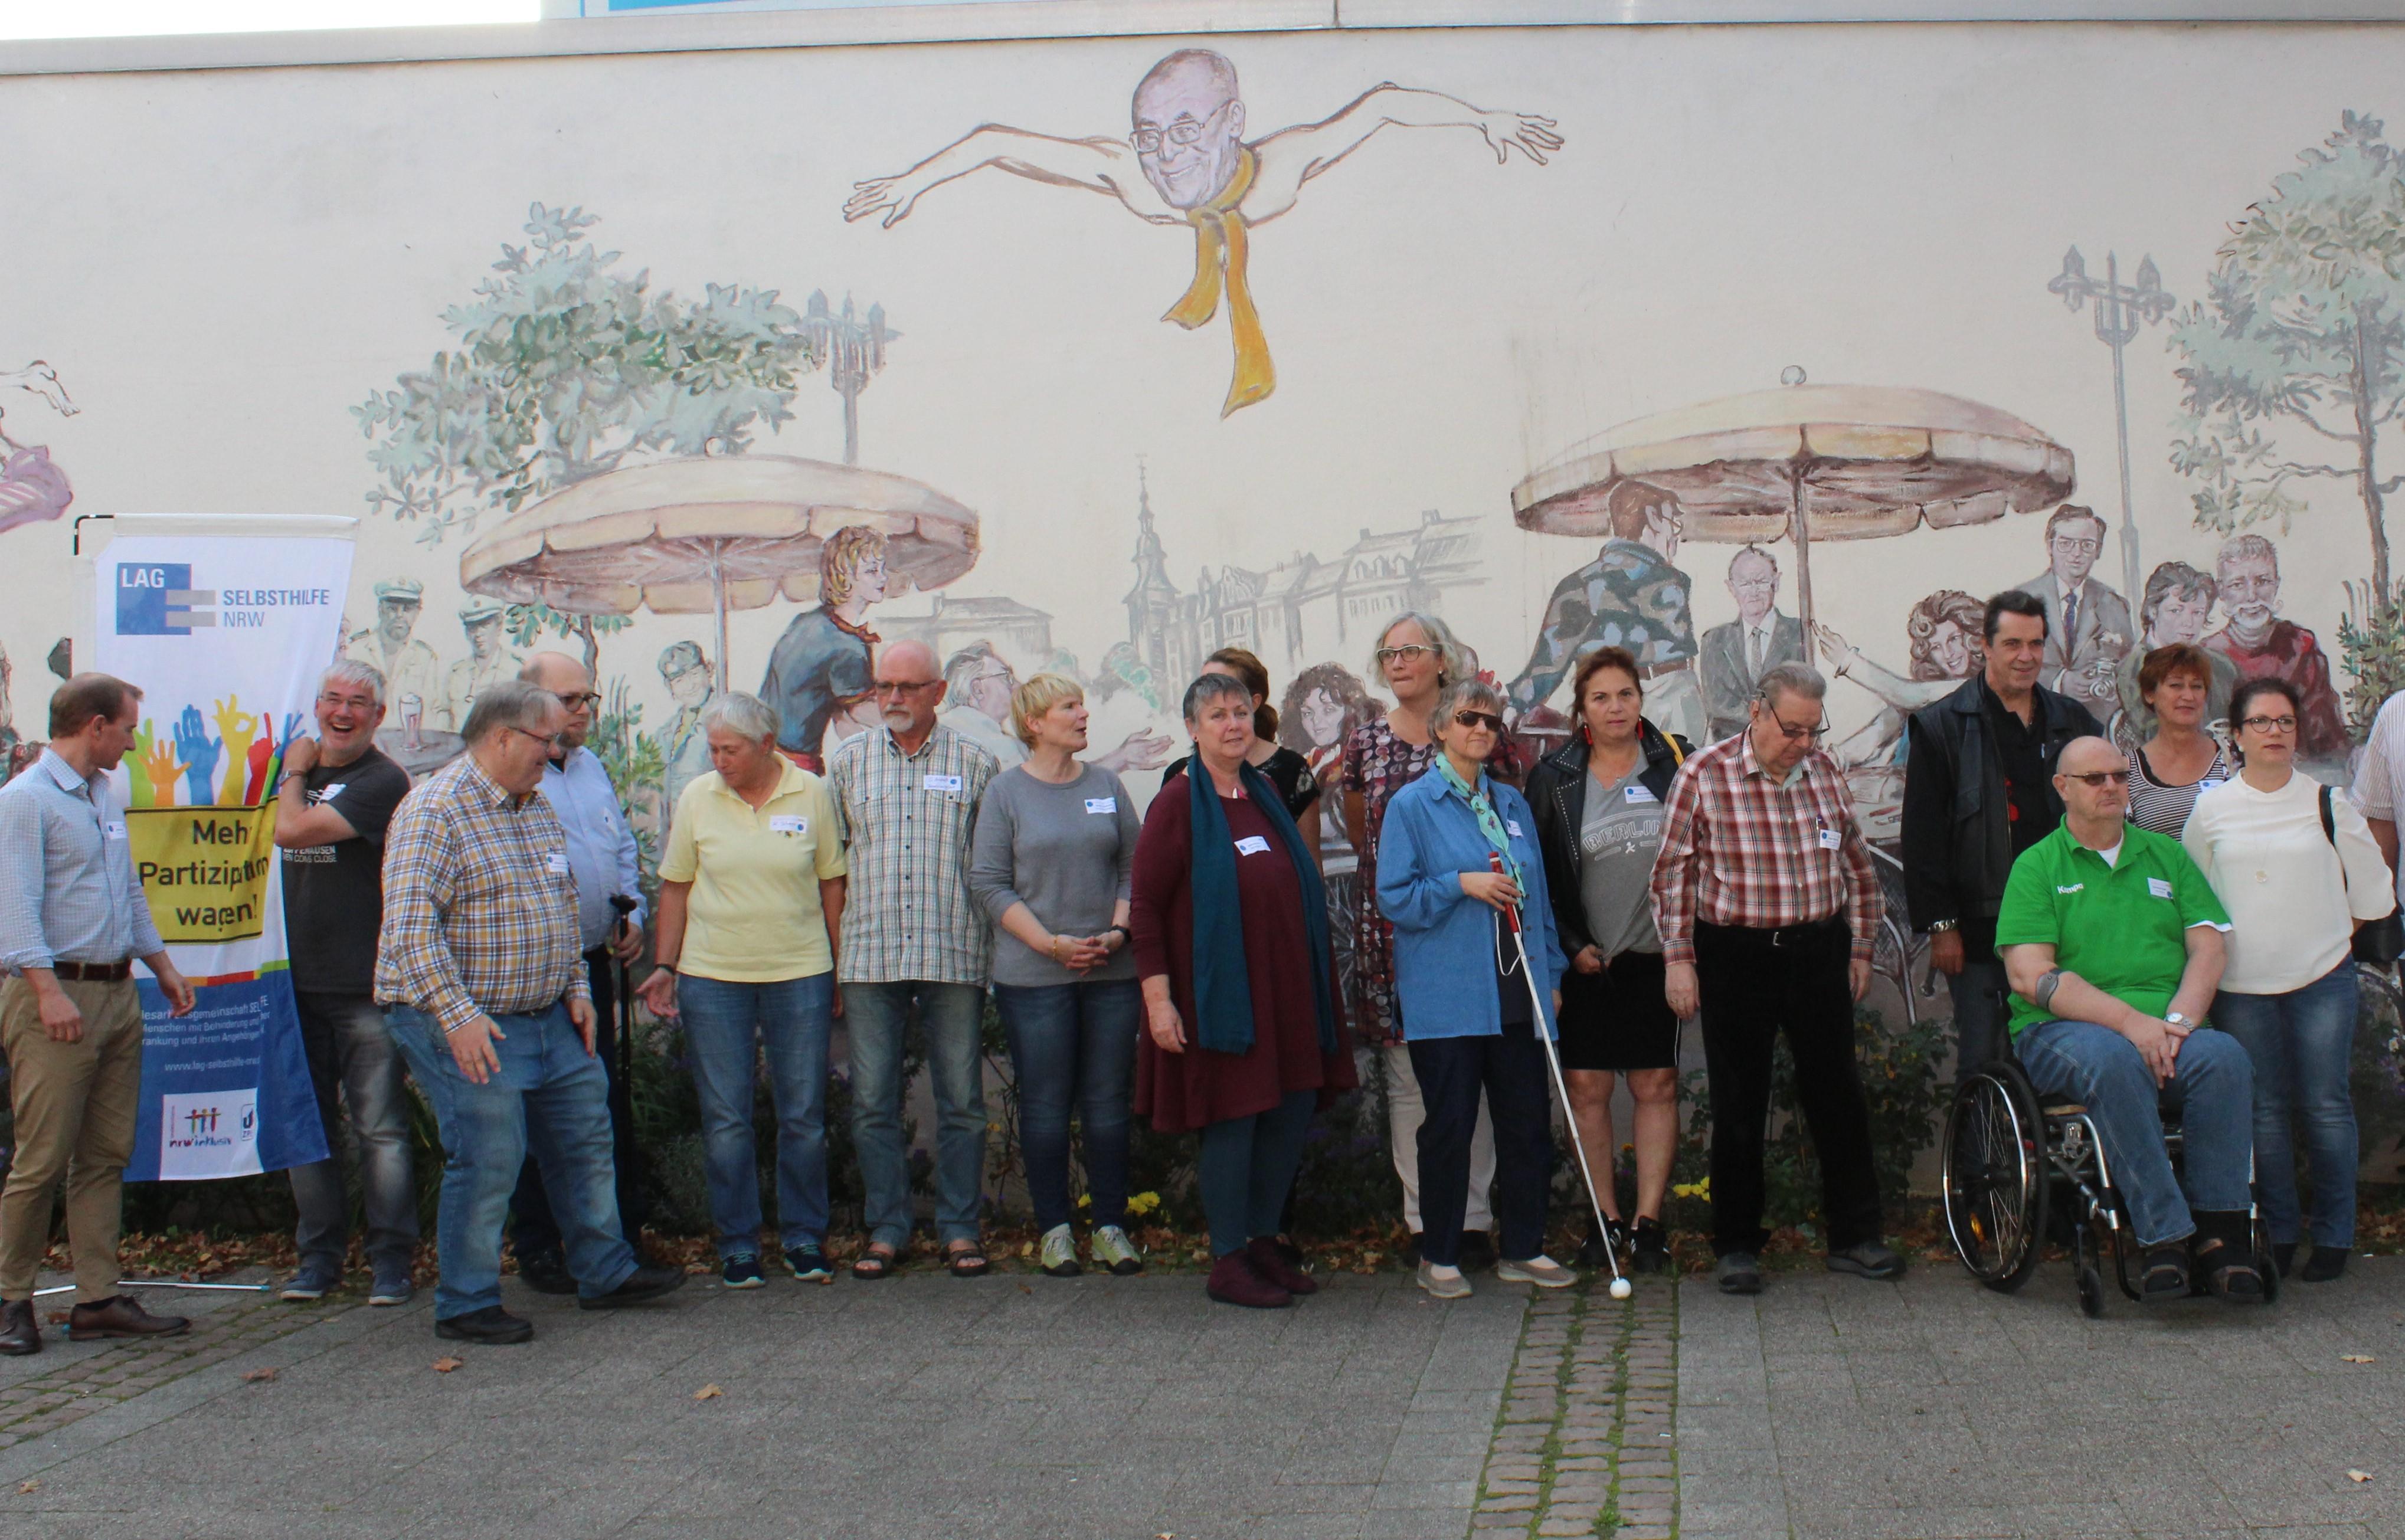 Teilnehmer*innen des Workshops in Wuppertal